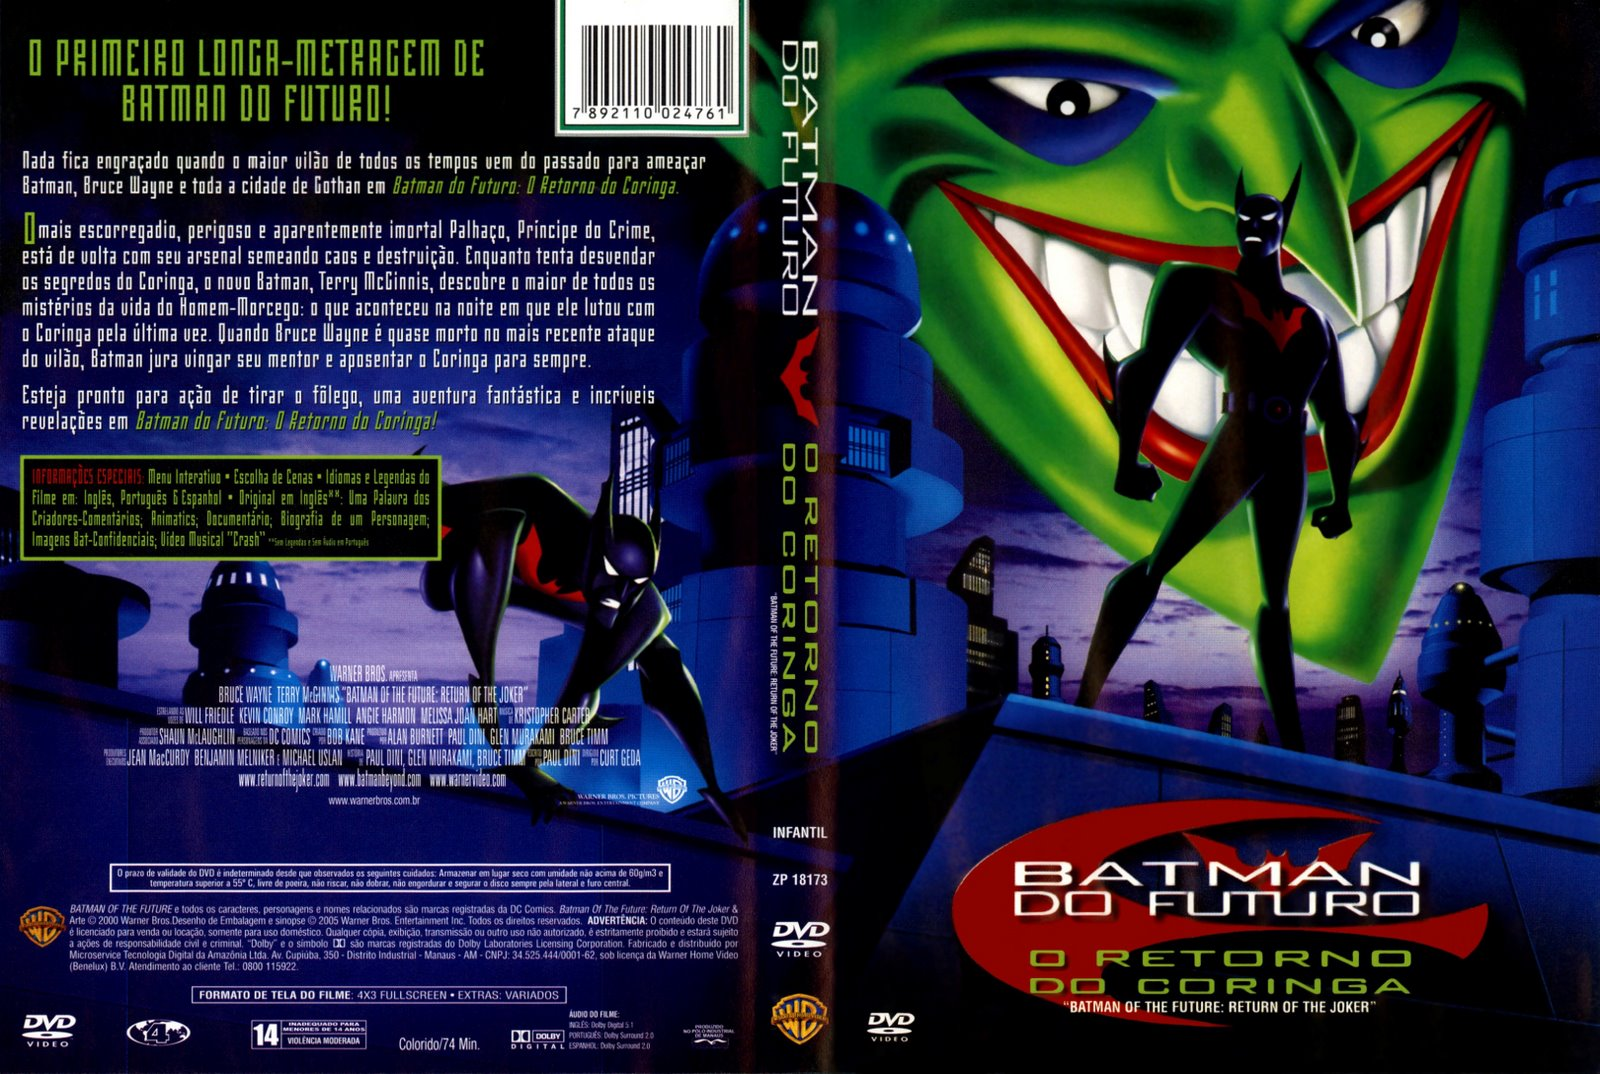 http://1.bp.blogspot.com/_d6xvEECraP0/TEBXyW0RRFI/AAAAAAAAAqk/SAIqkodK_y8/s1600/Batman+Do+Futuro.jpg